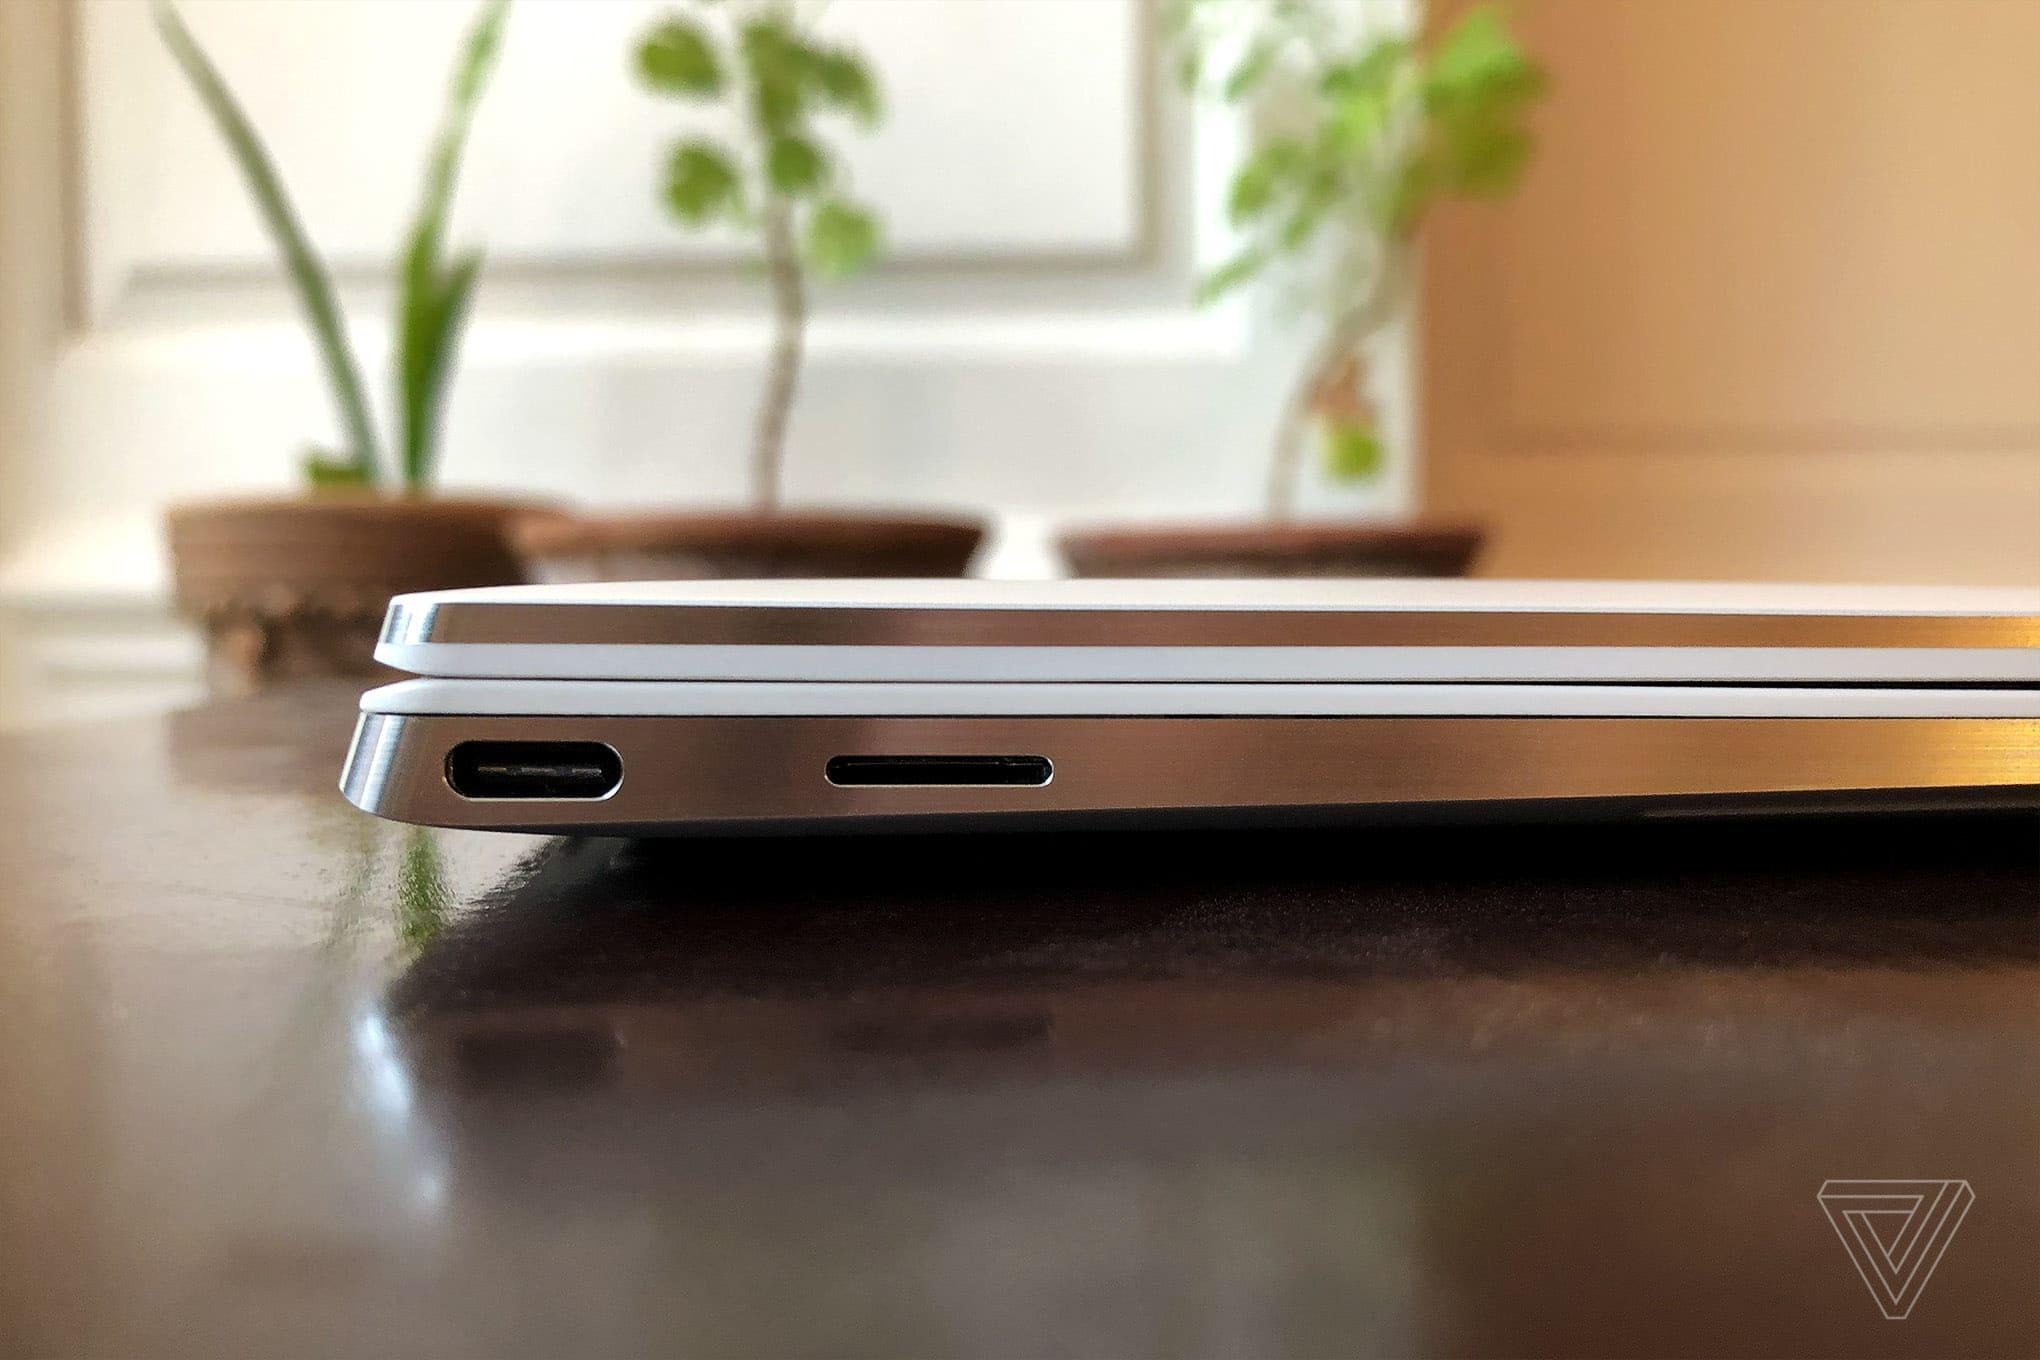 Đánh giá Dell XPS 13 (2020): Mọi thứ bạn cần ở một chiếc laptop Windows của năm nay